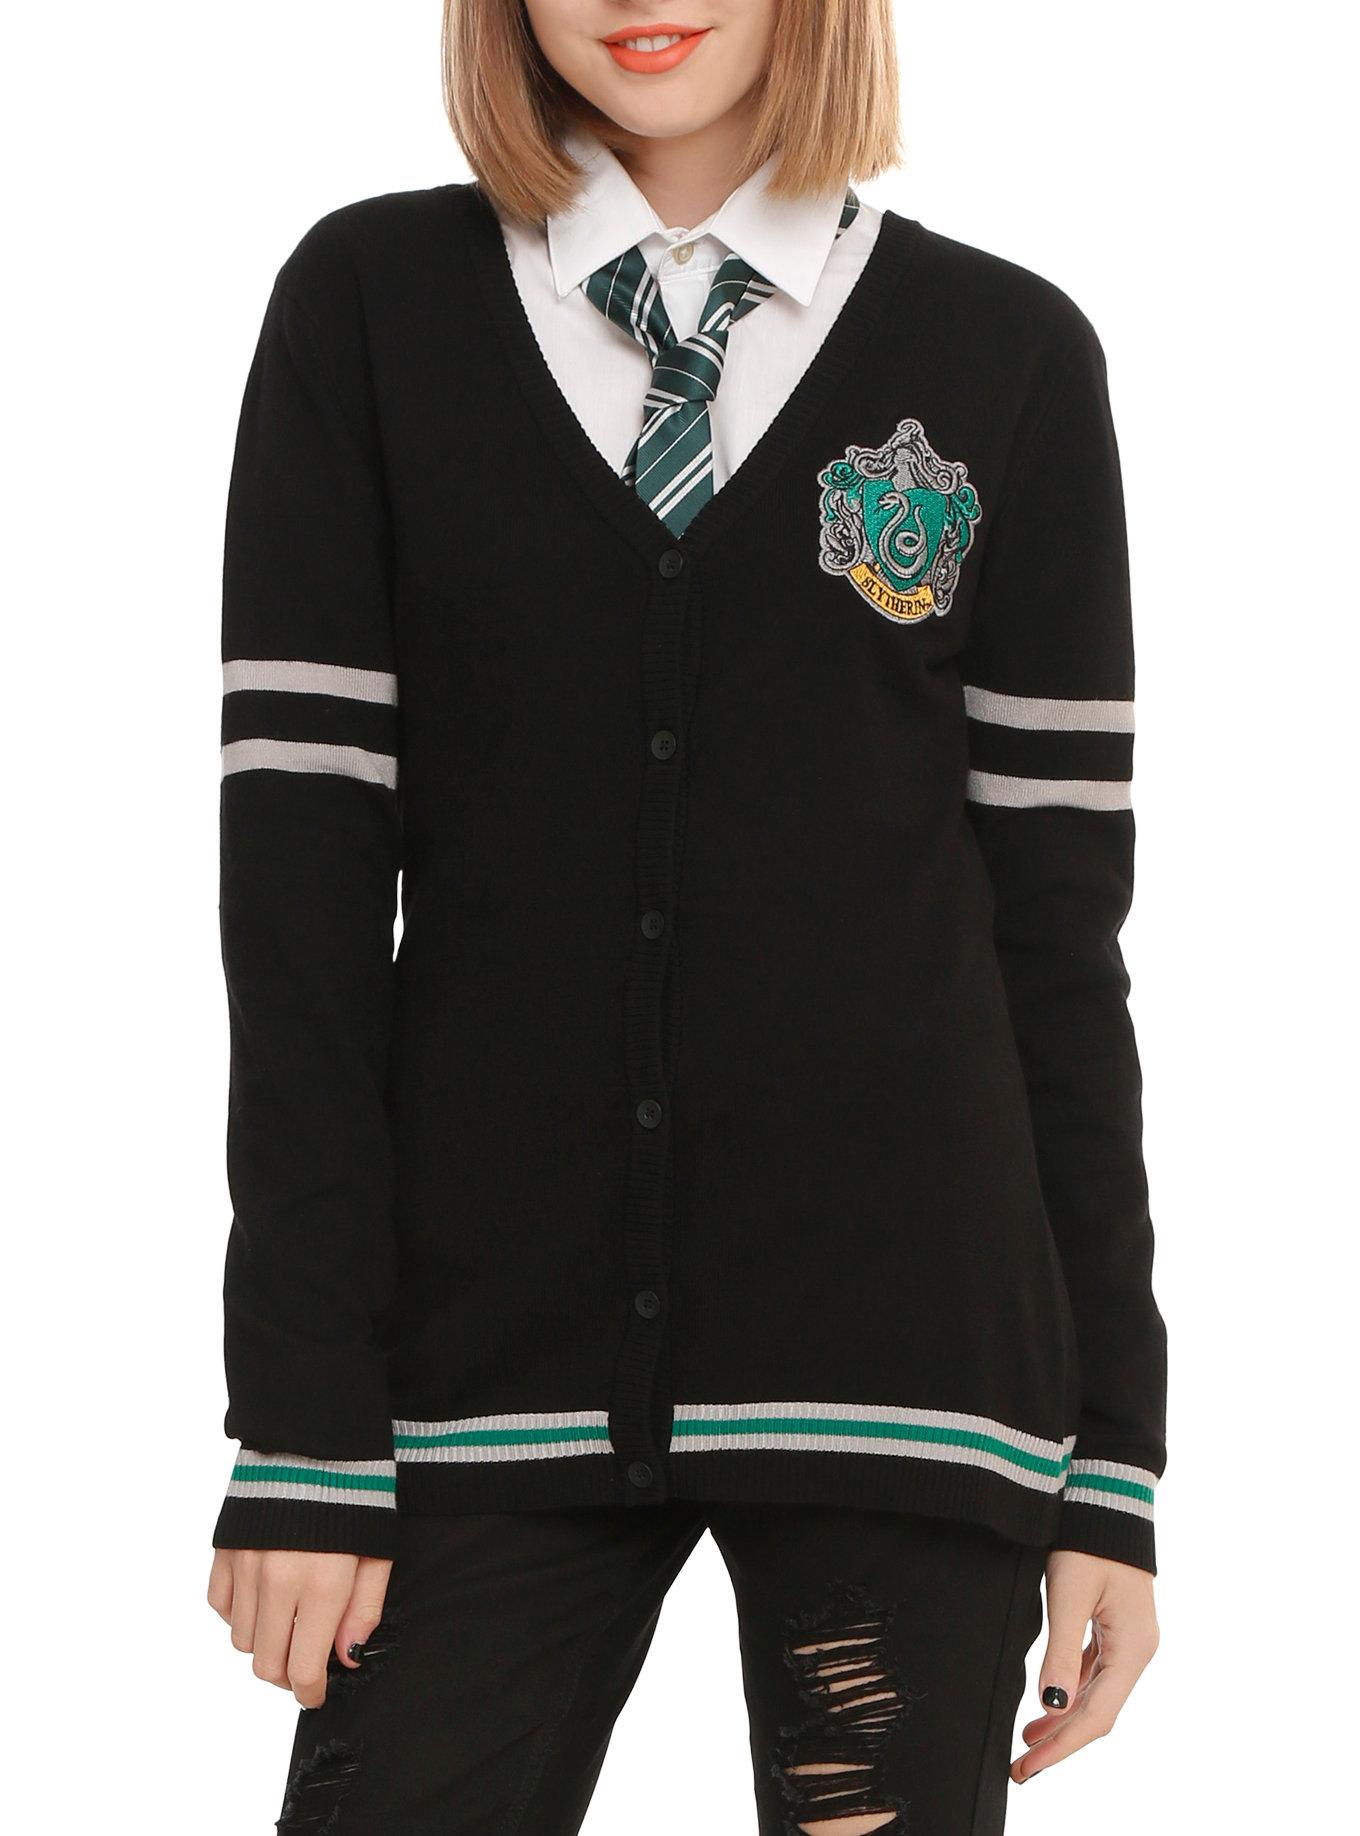 Hot Topic divulga nova coleção de roupas e acessórios Harry Potter